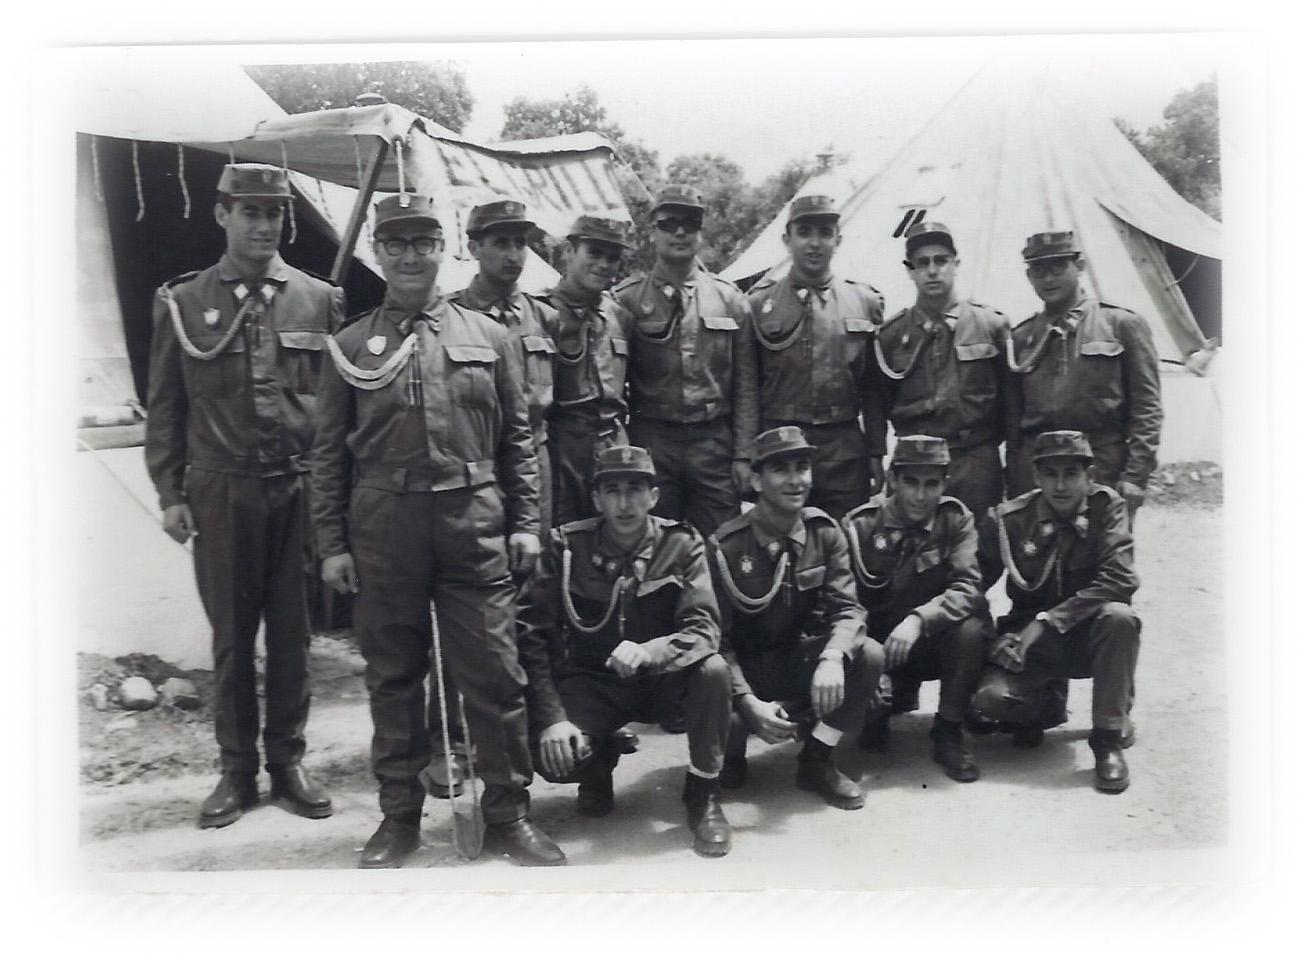 7-milicias grupo